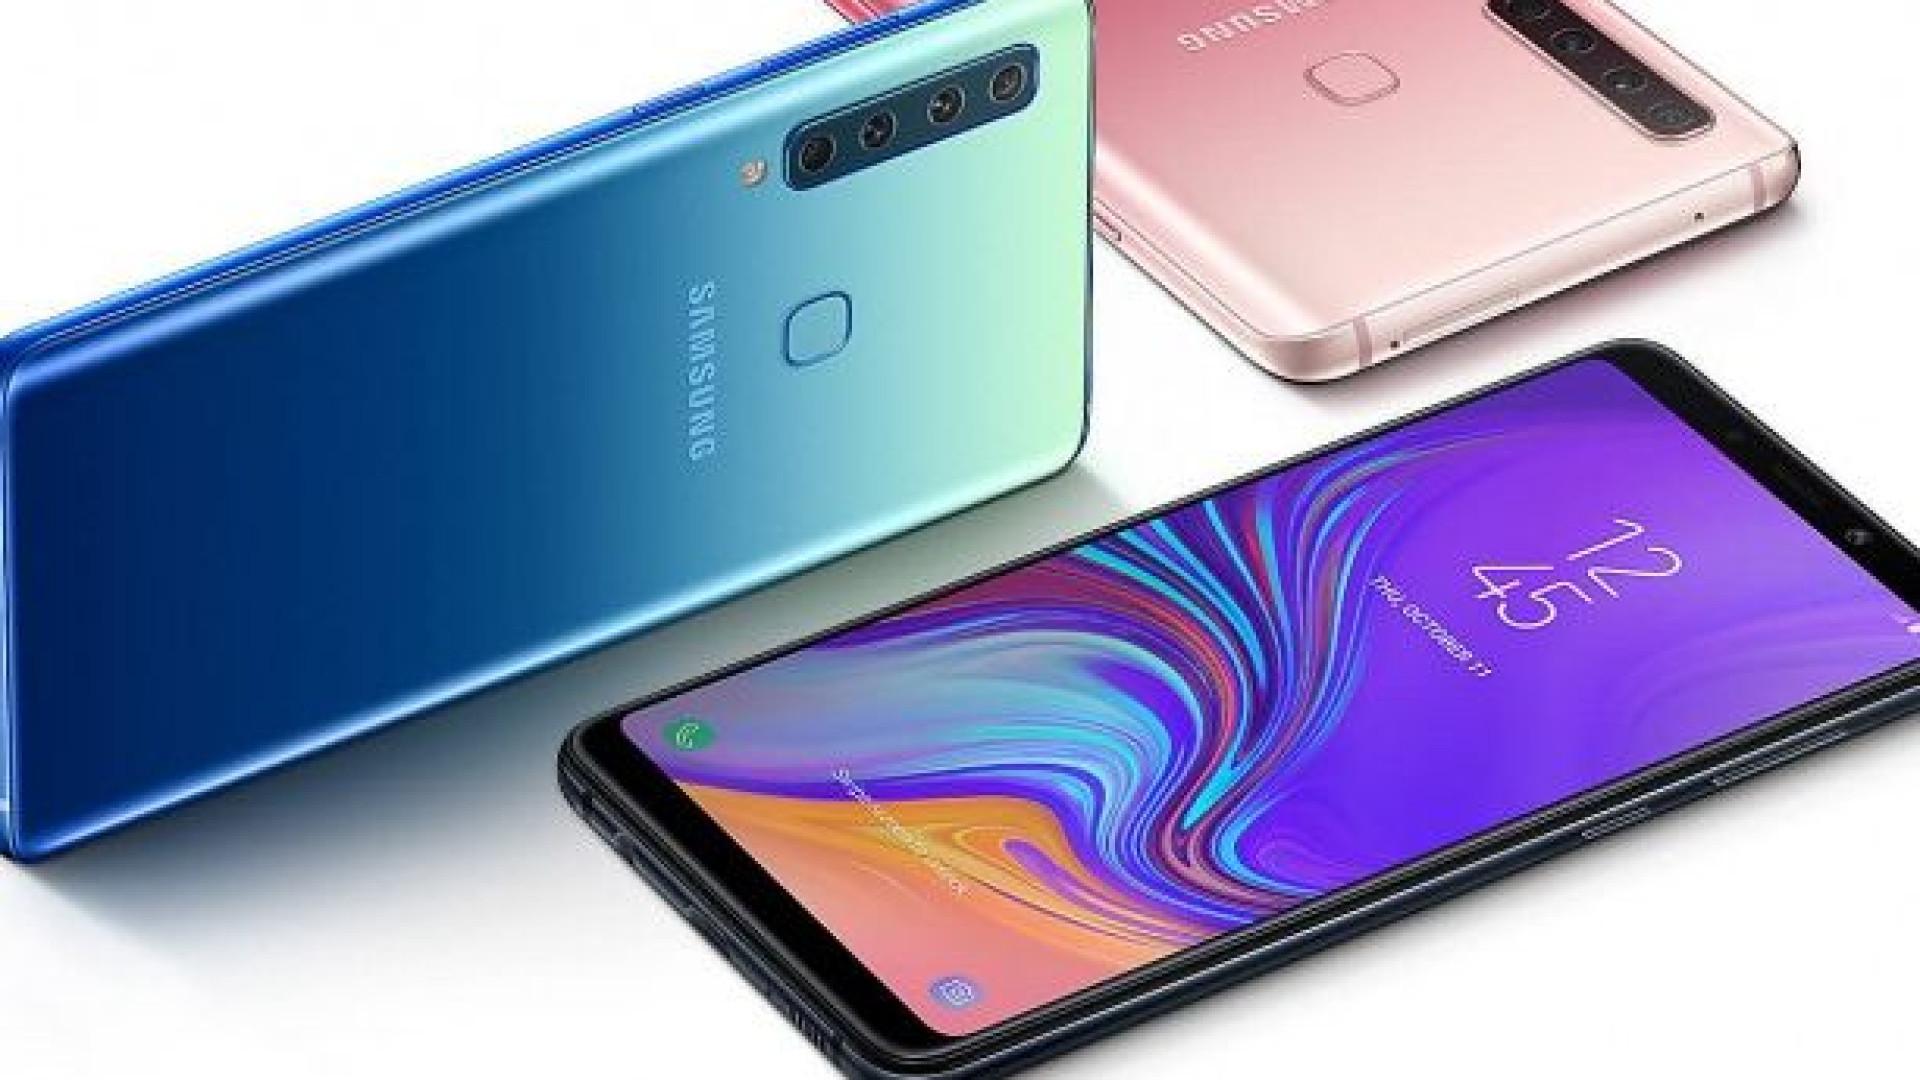 É oficial. Galaxy A9 é o primeiro smartphone de quatro câmaras